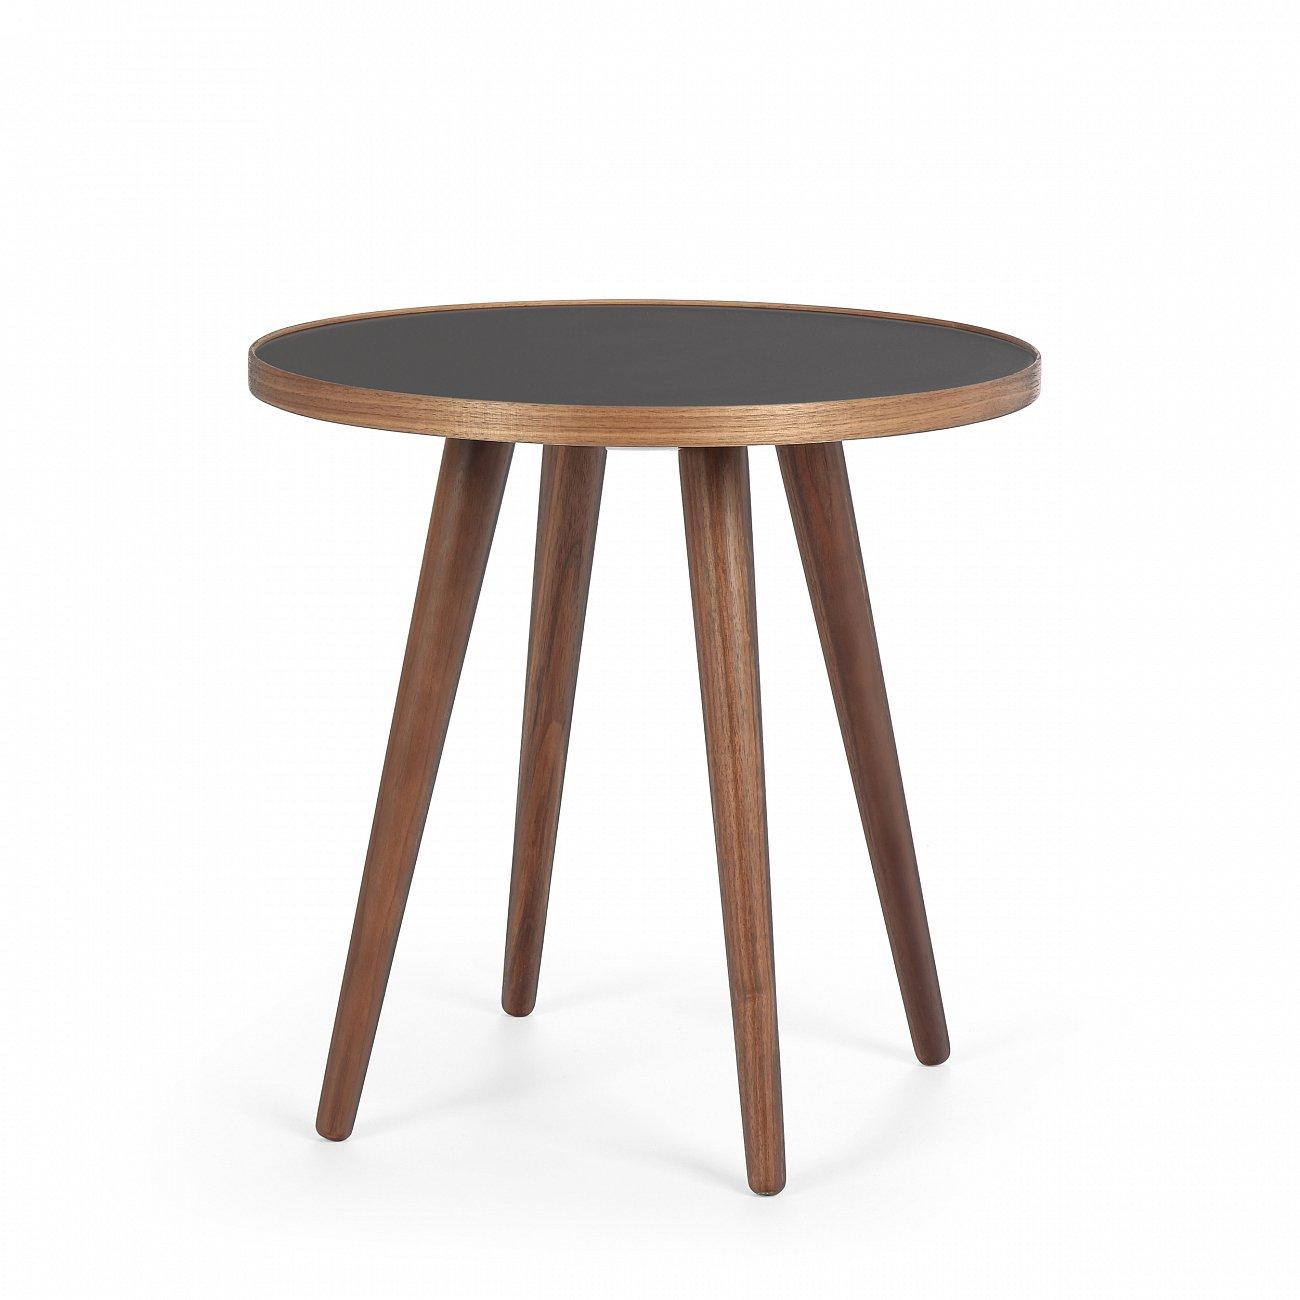 Купить Кофейный стол Sputnik чёрно-коричневый в интернет магазине дизайнерской мебели и аксессуаров для дома и дачи